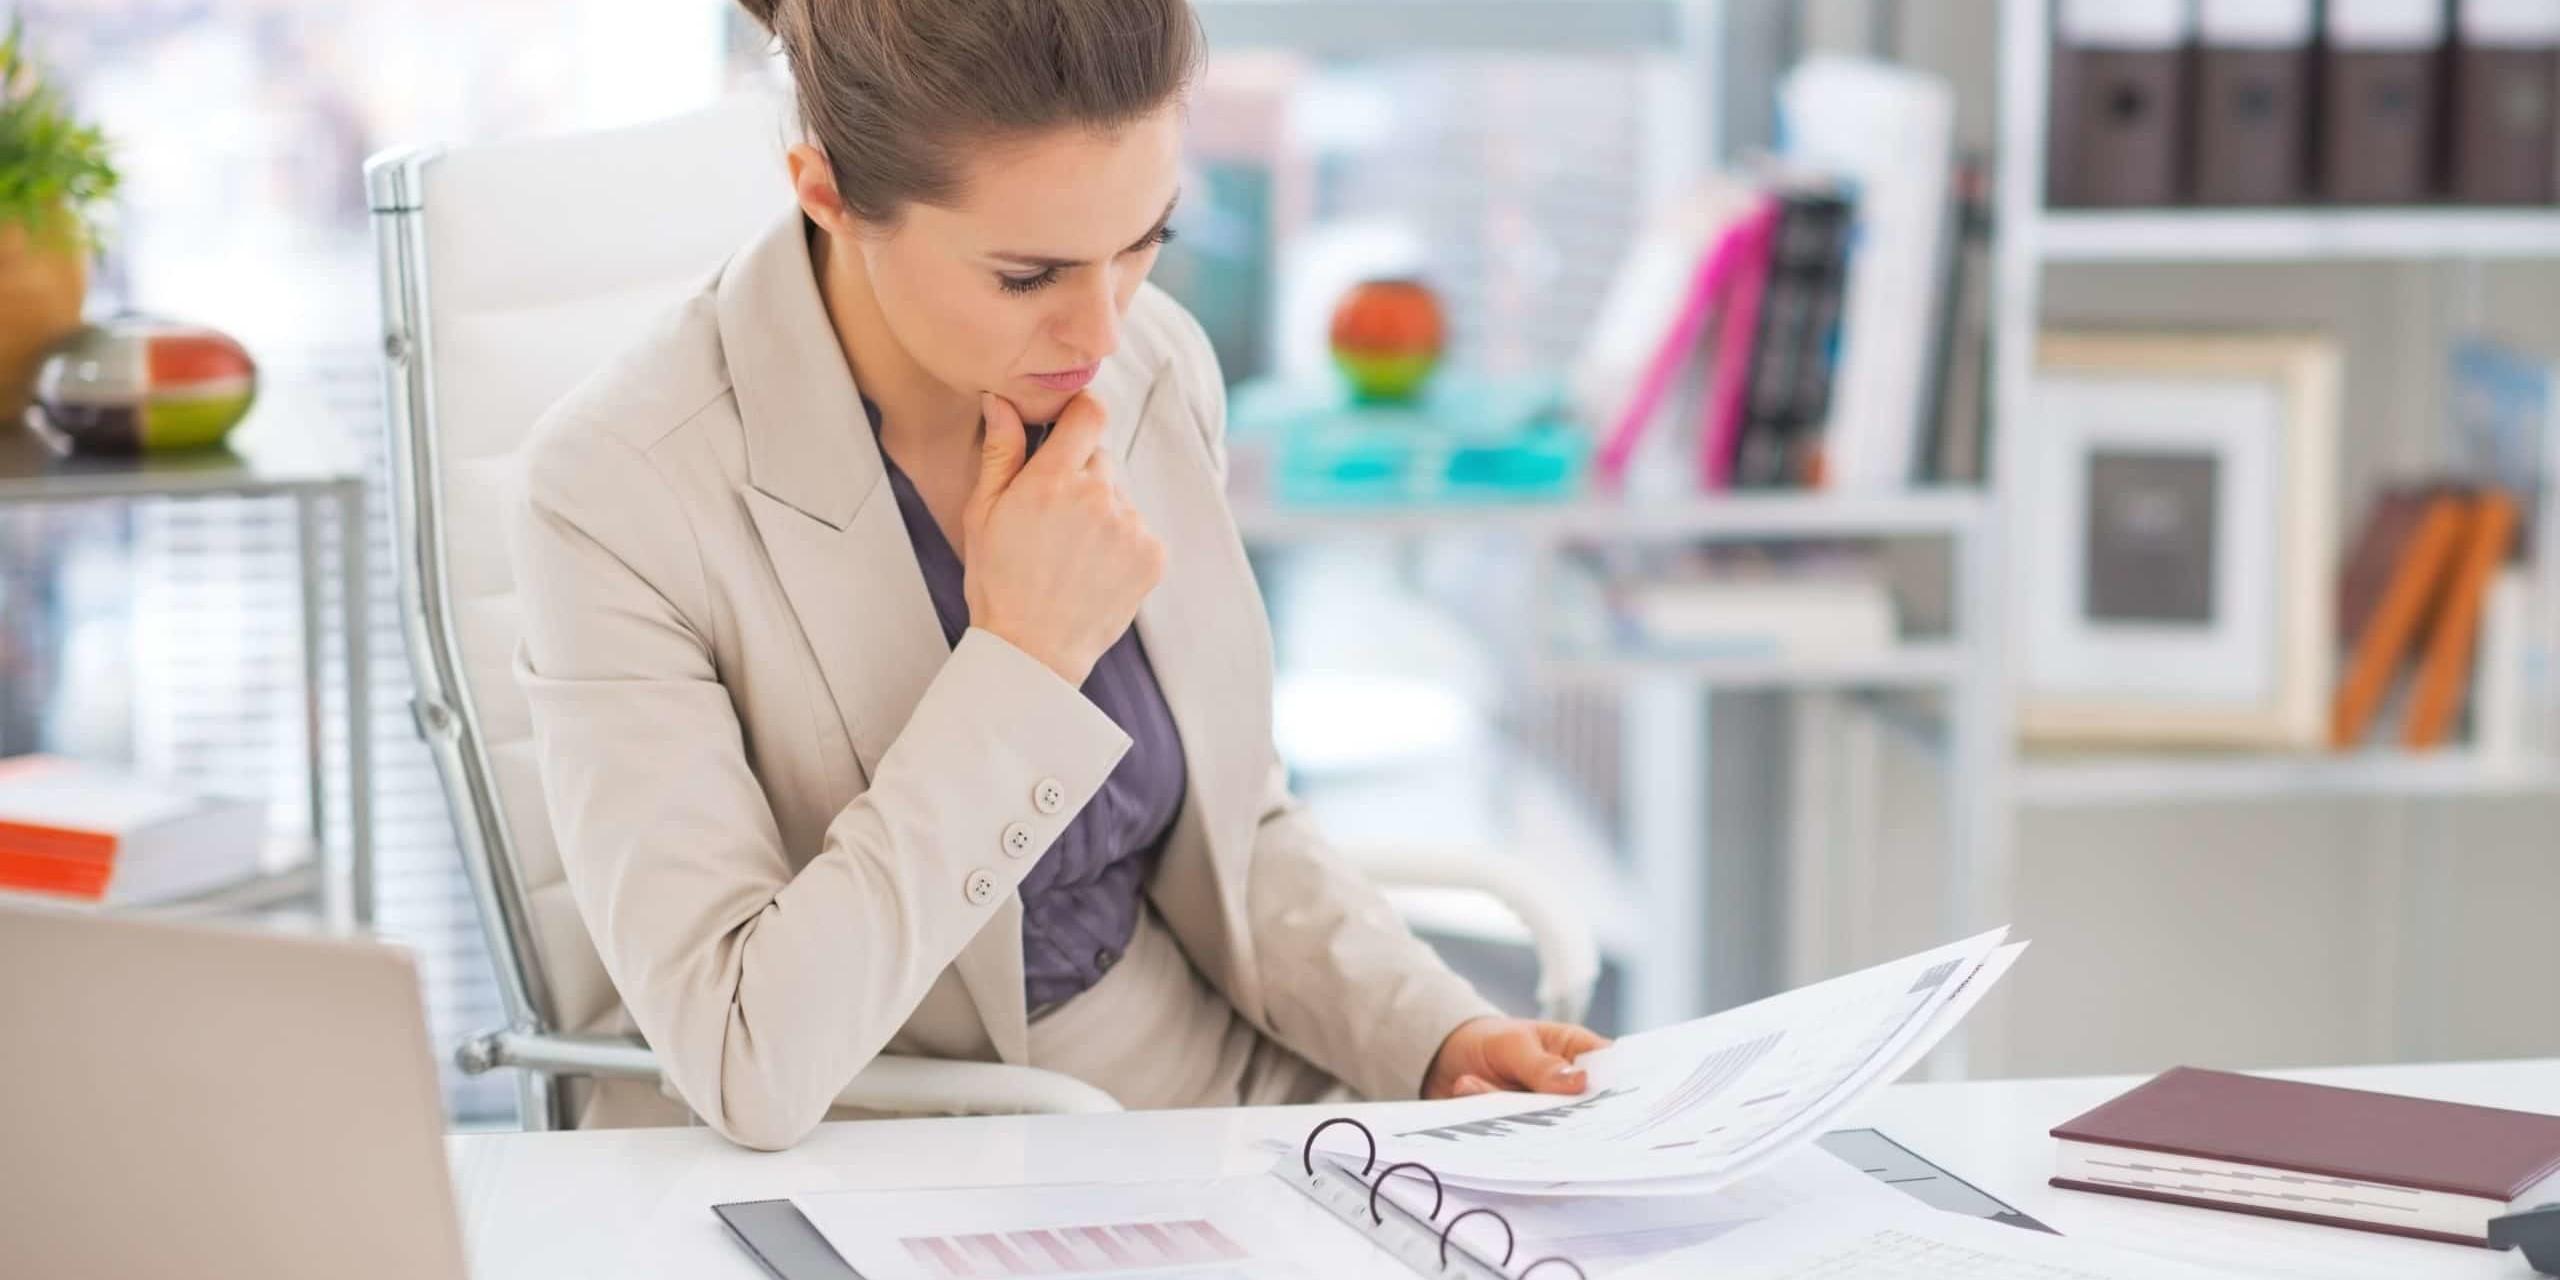 Przeglądanie danych finansowych